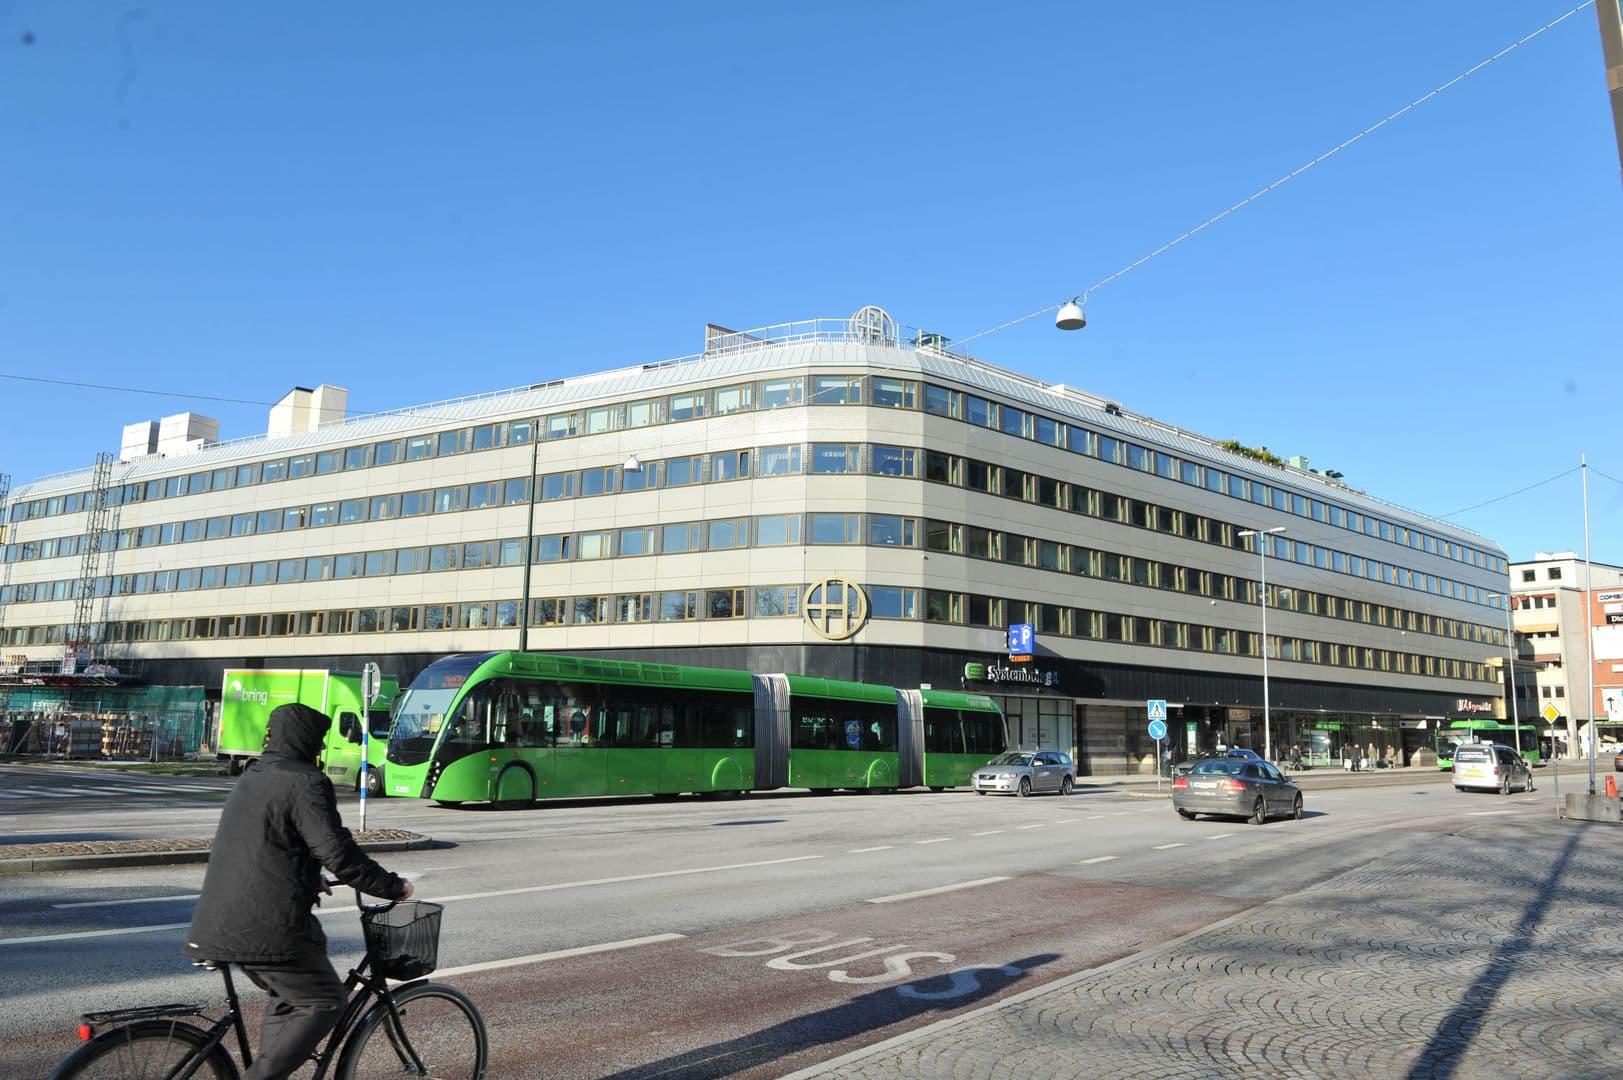 Malmö Turvallisuus